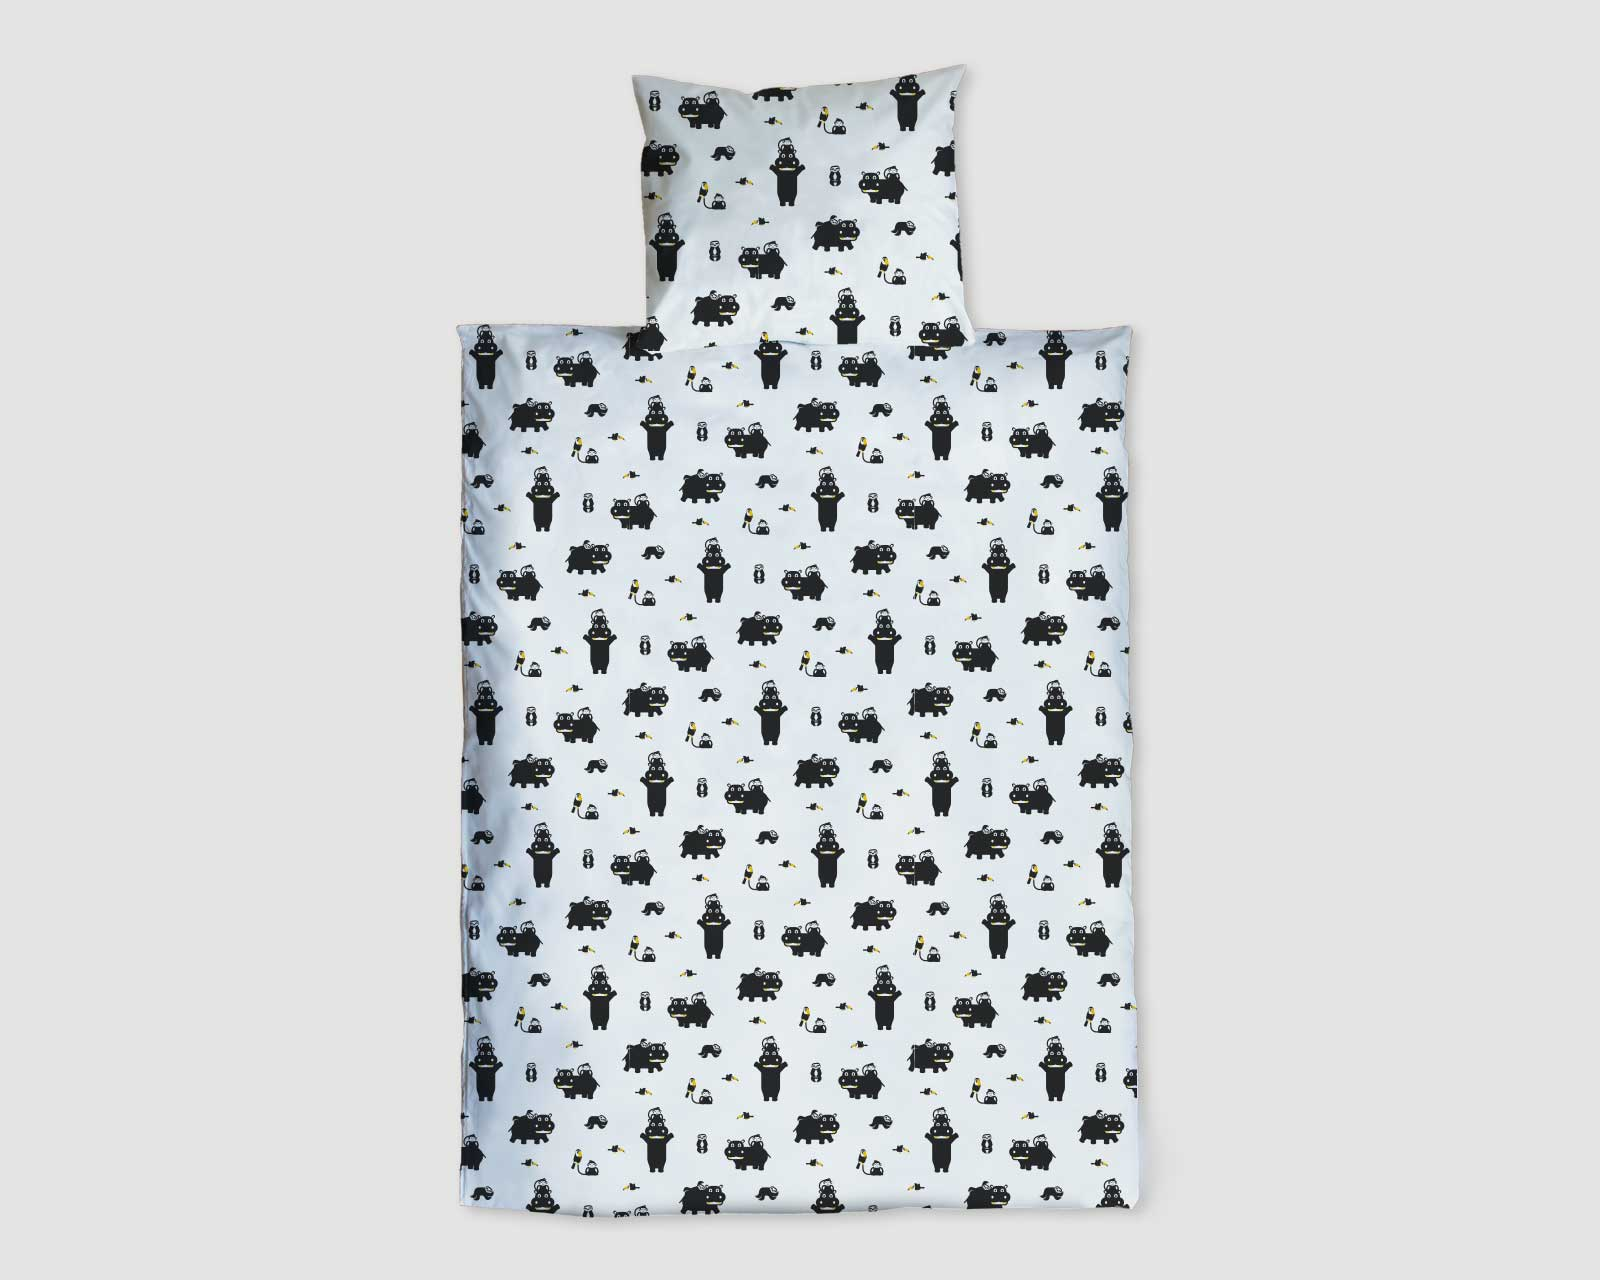 Peuter junior dekbedovertrek Nijlpaard Pie zwart wit 120 x 150 Hippo t'amo dubbelzijdig print